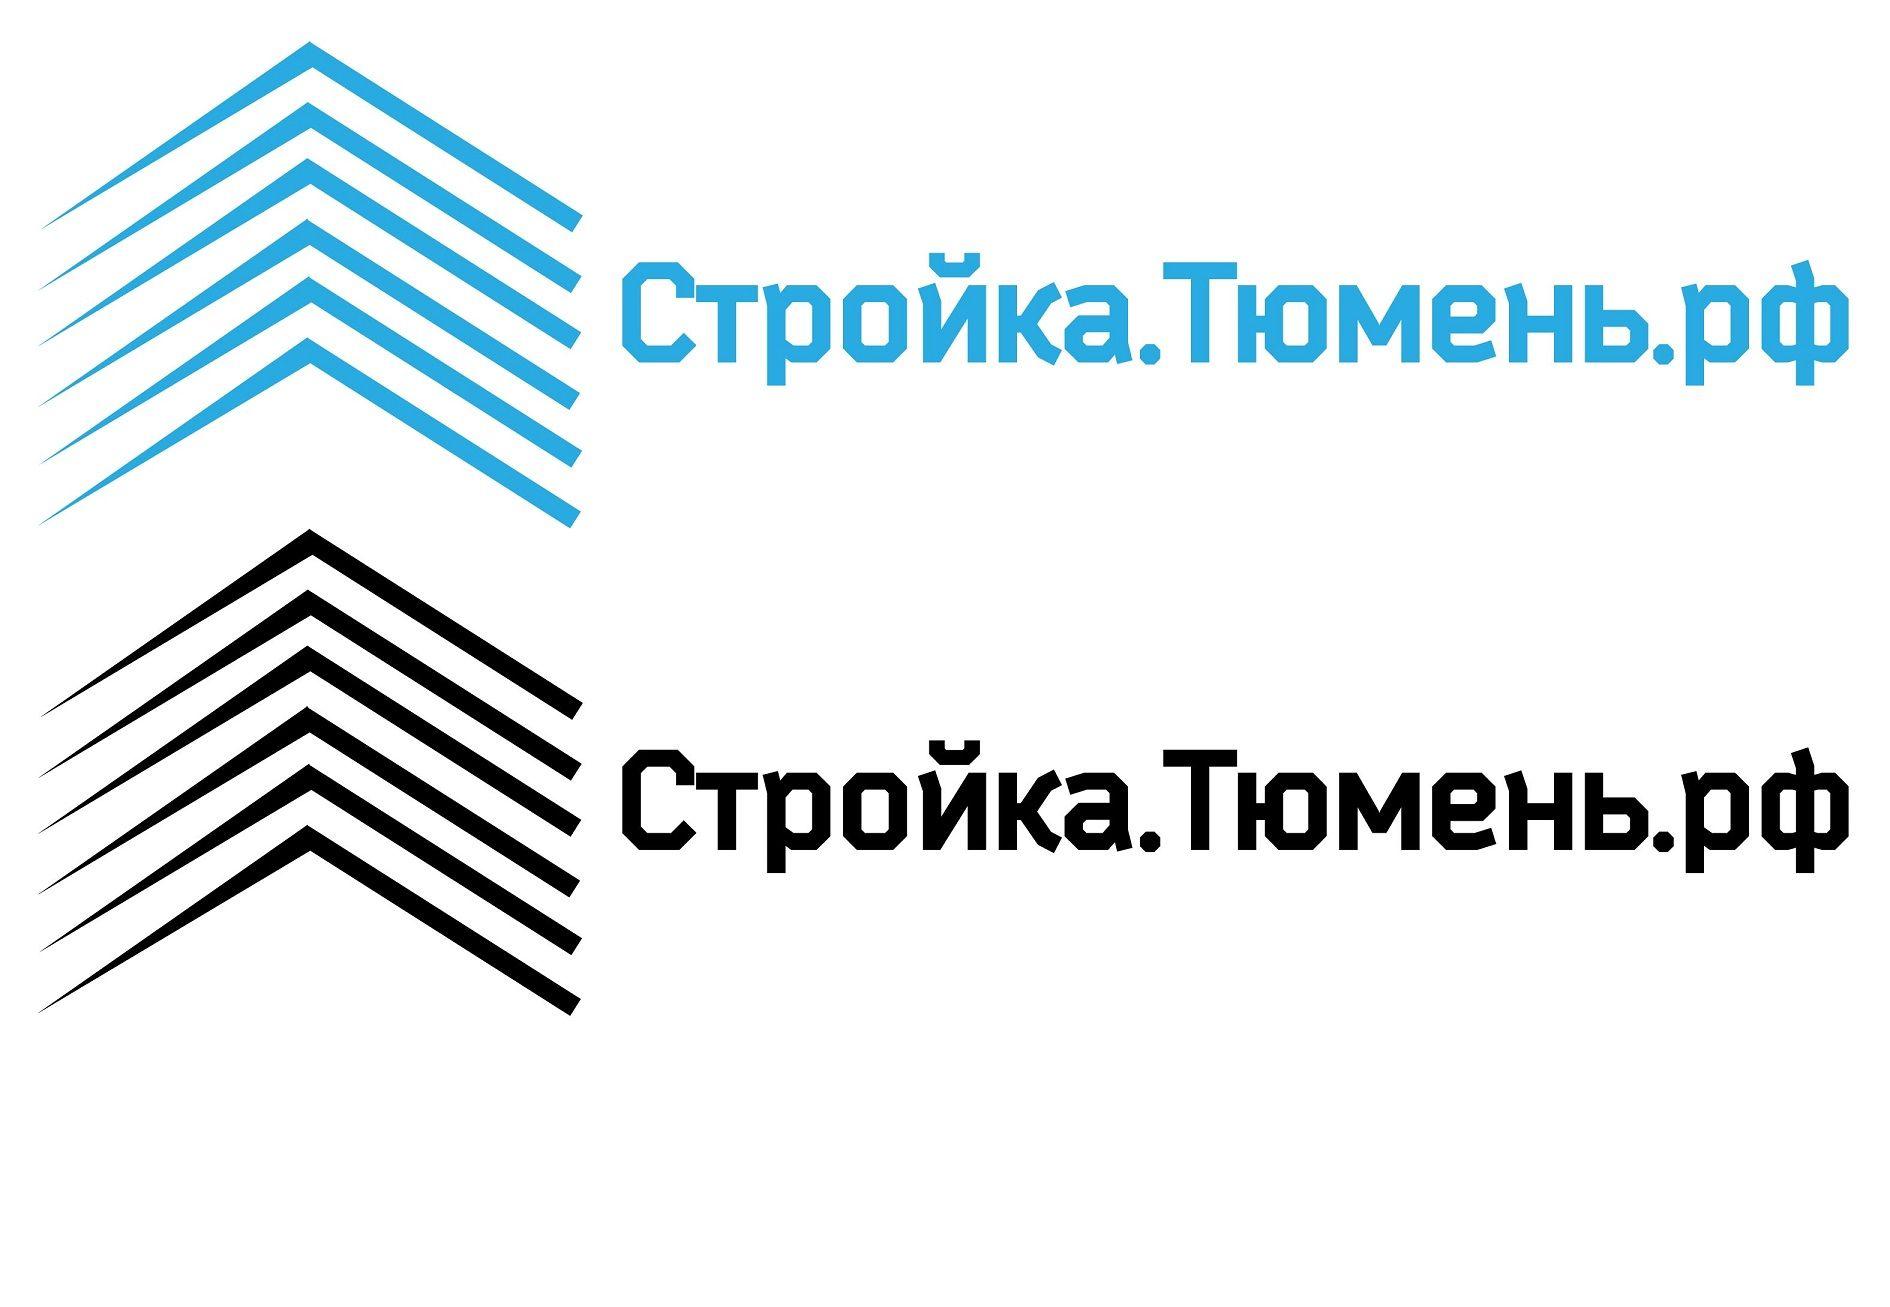 Логотип для строительного портала - дизайнер anatoly_basov